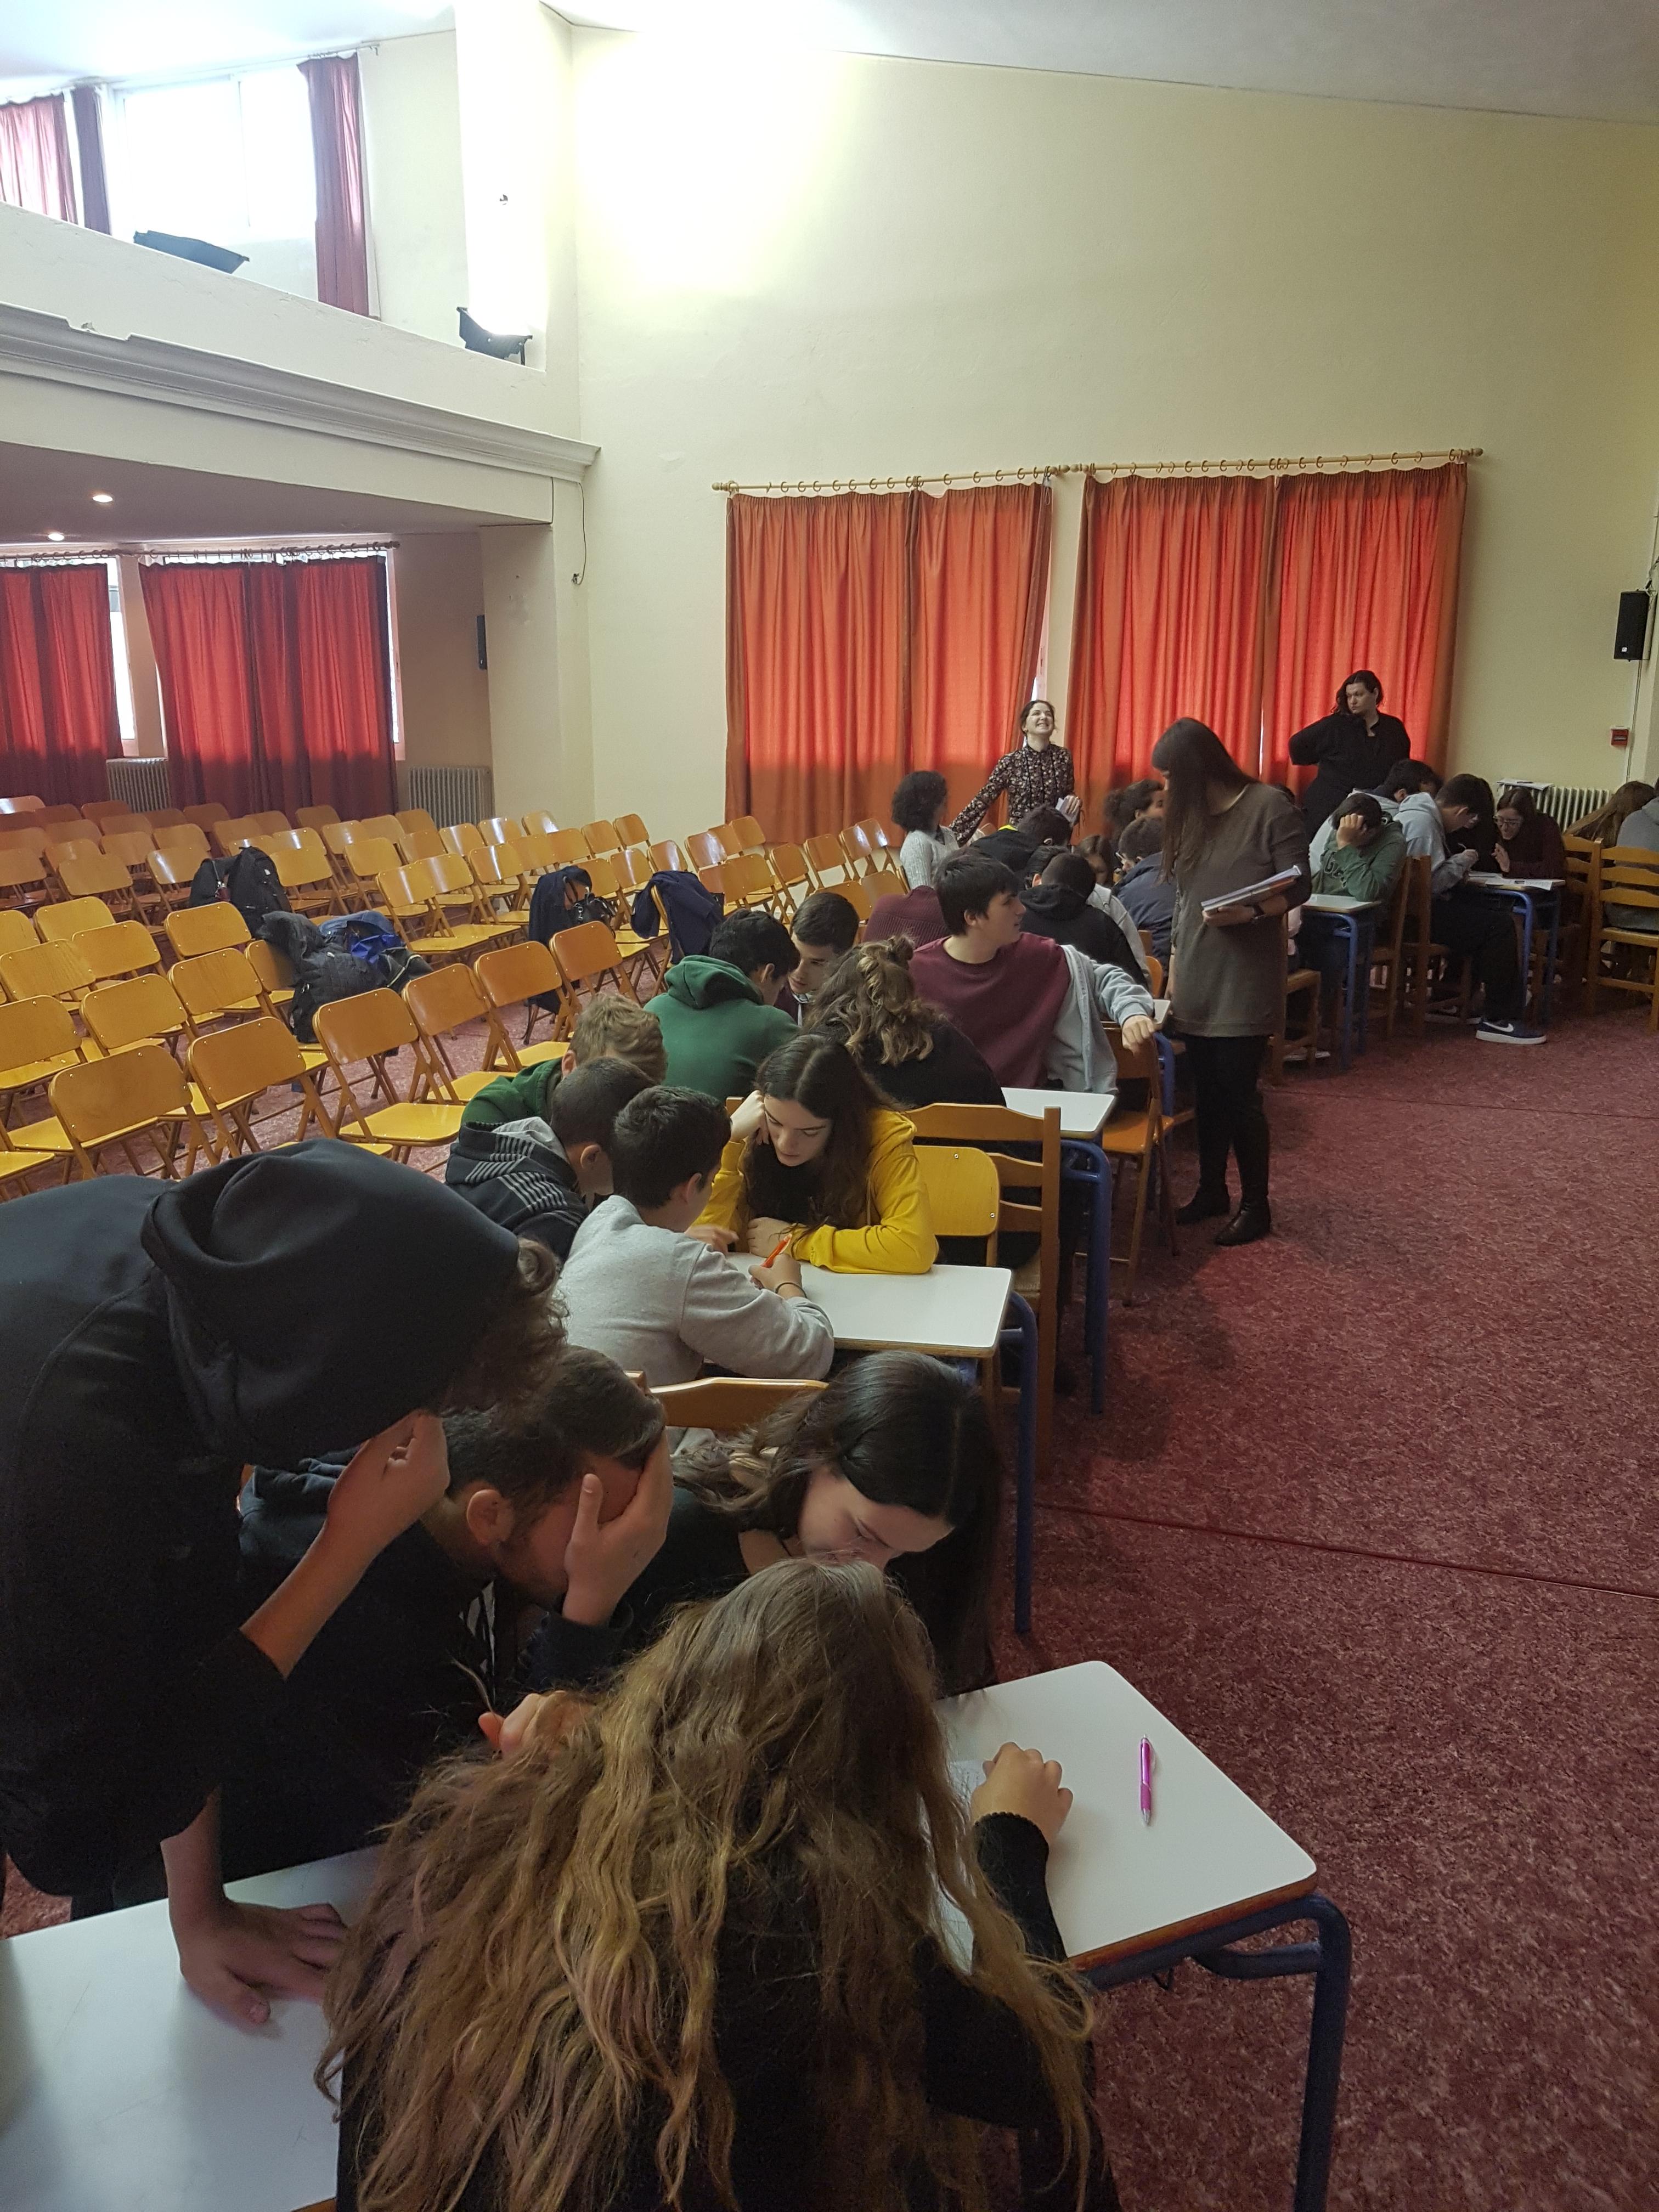 Από τη διεξαγωγή του Διαγωνισμού Ελληνικής Γλώσσας